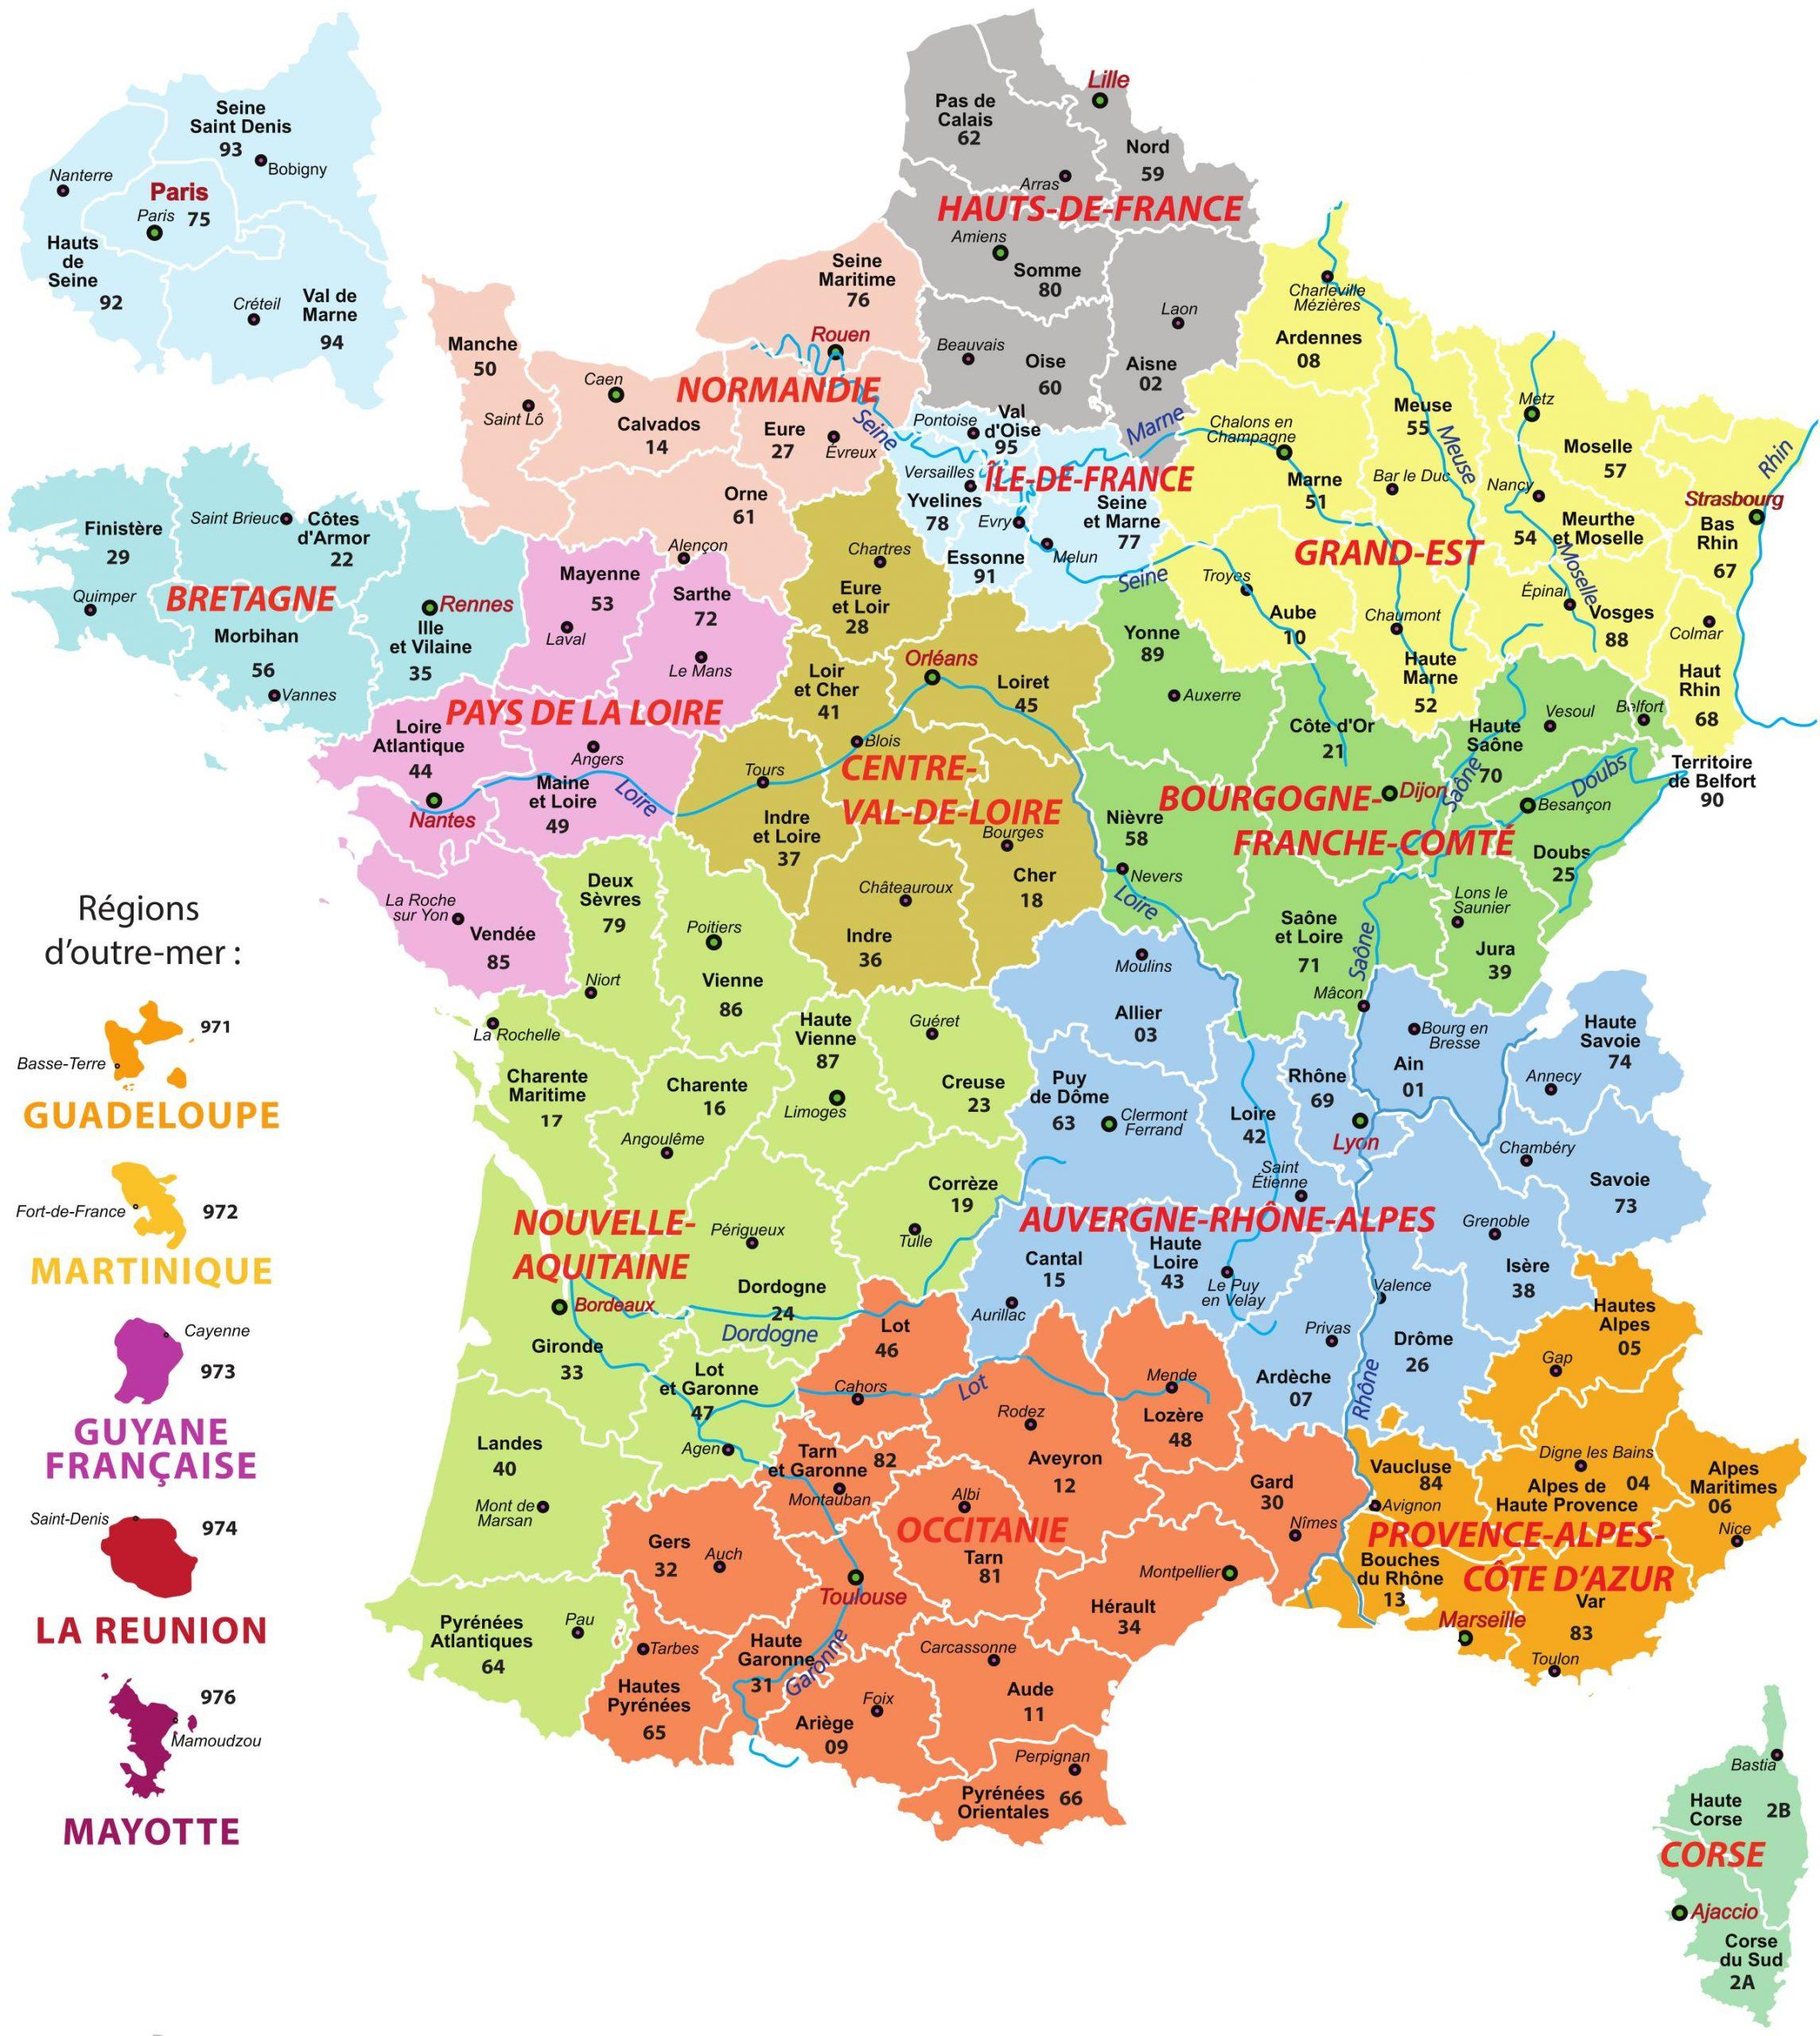 Cartes De France : Cartes Des Régions, Départements Et avec Ile De France Département Numéro